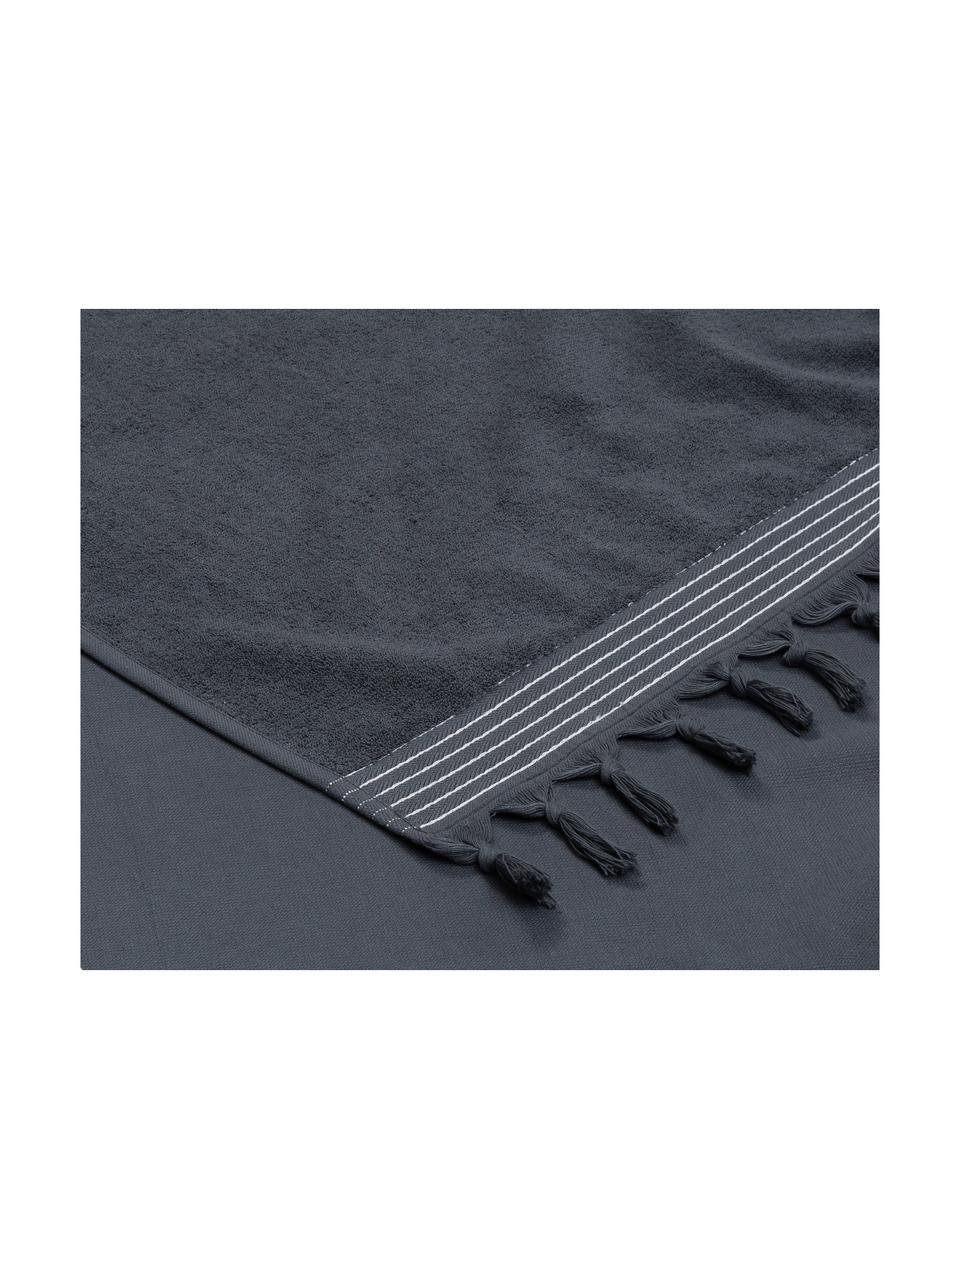 Ręcznik plażowy Soft Cotton, Antracytowy, biały, S 100 x D 180 cm